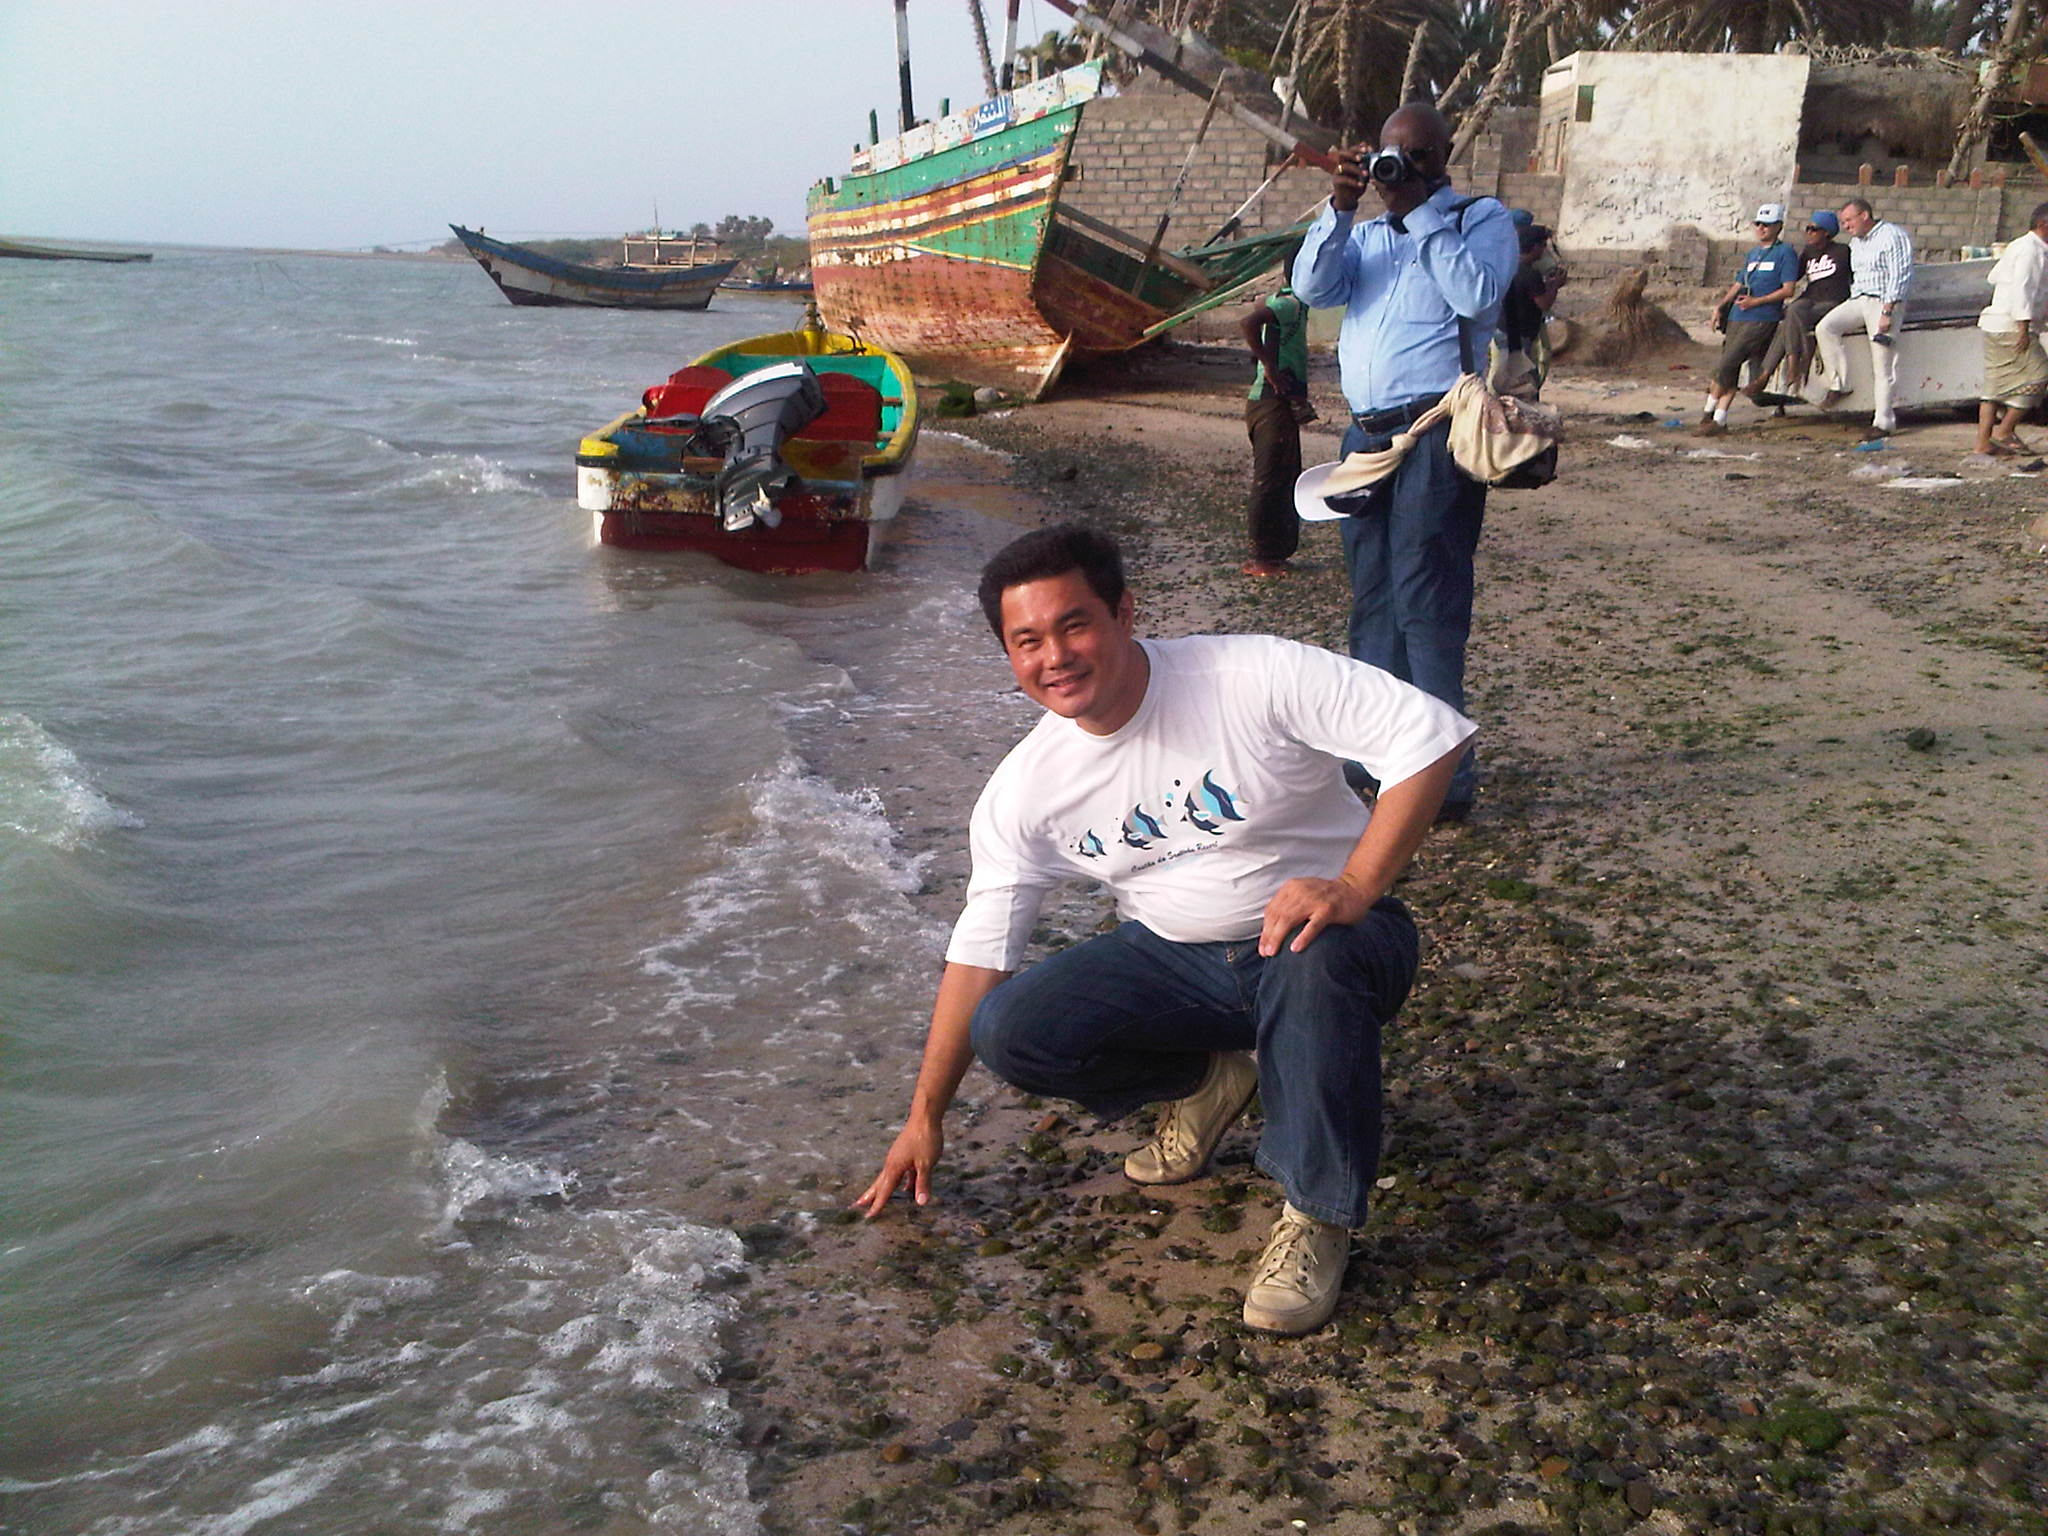 Port of Moka & Red Sea, Yemen